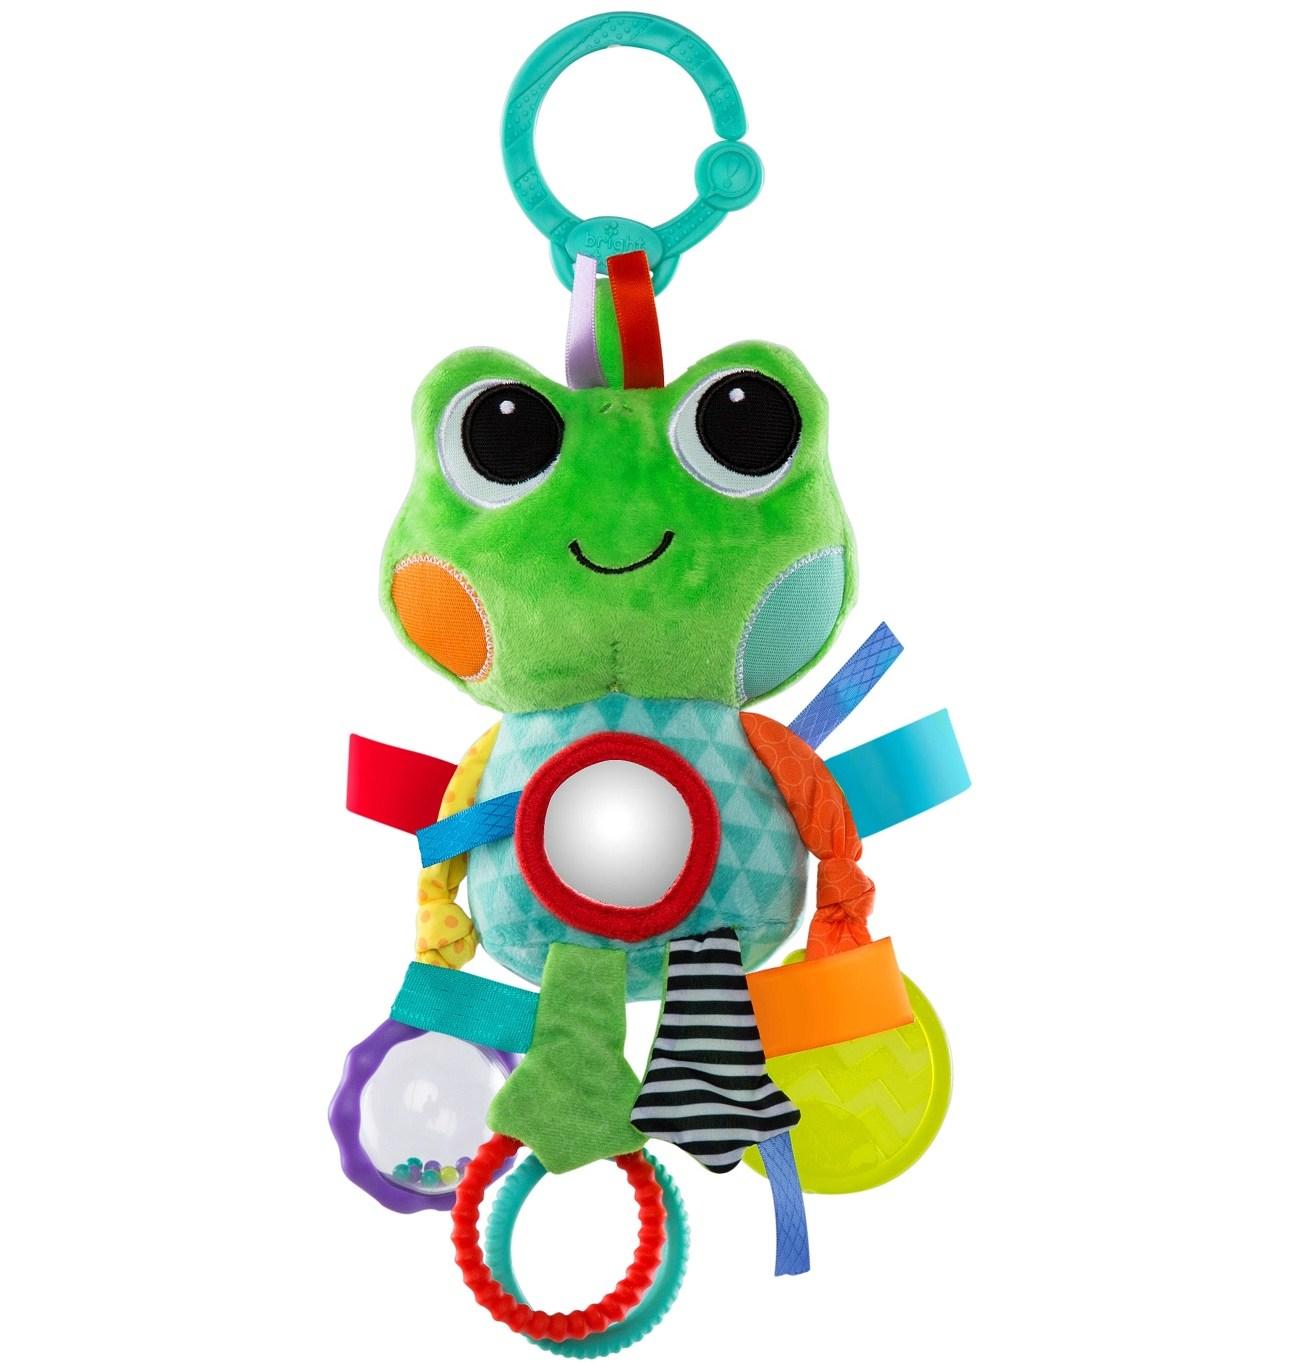 Bright Starts hračka na C kroužku Playful Pals žába 0m+